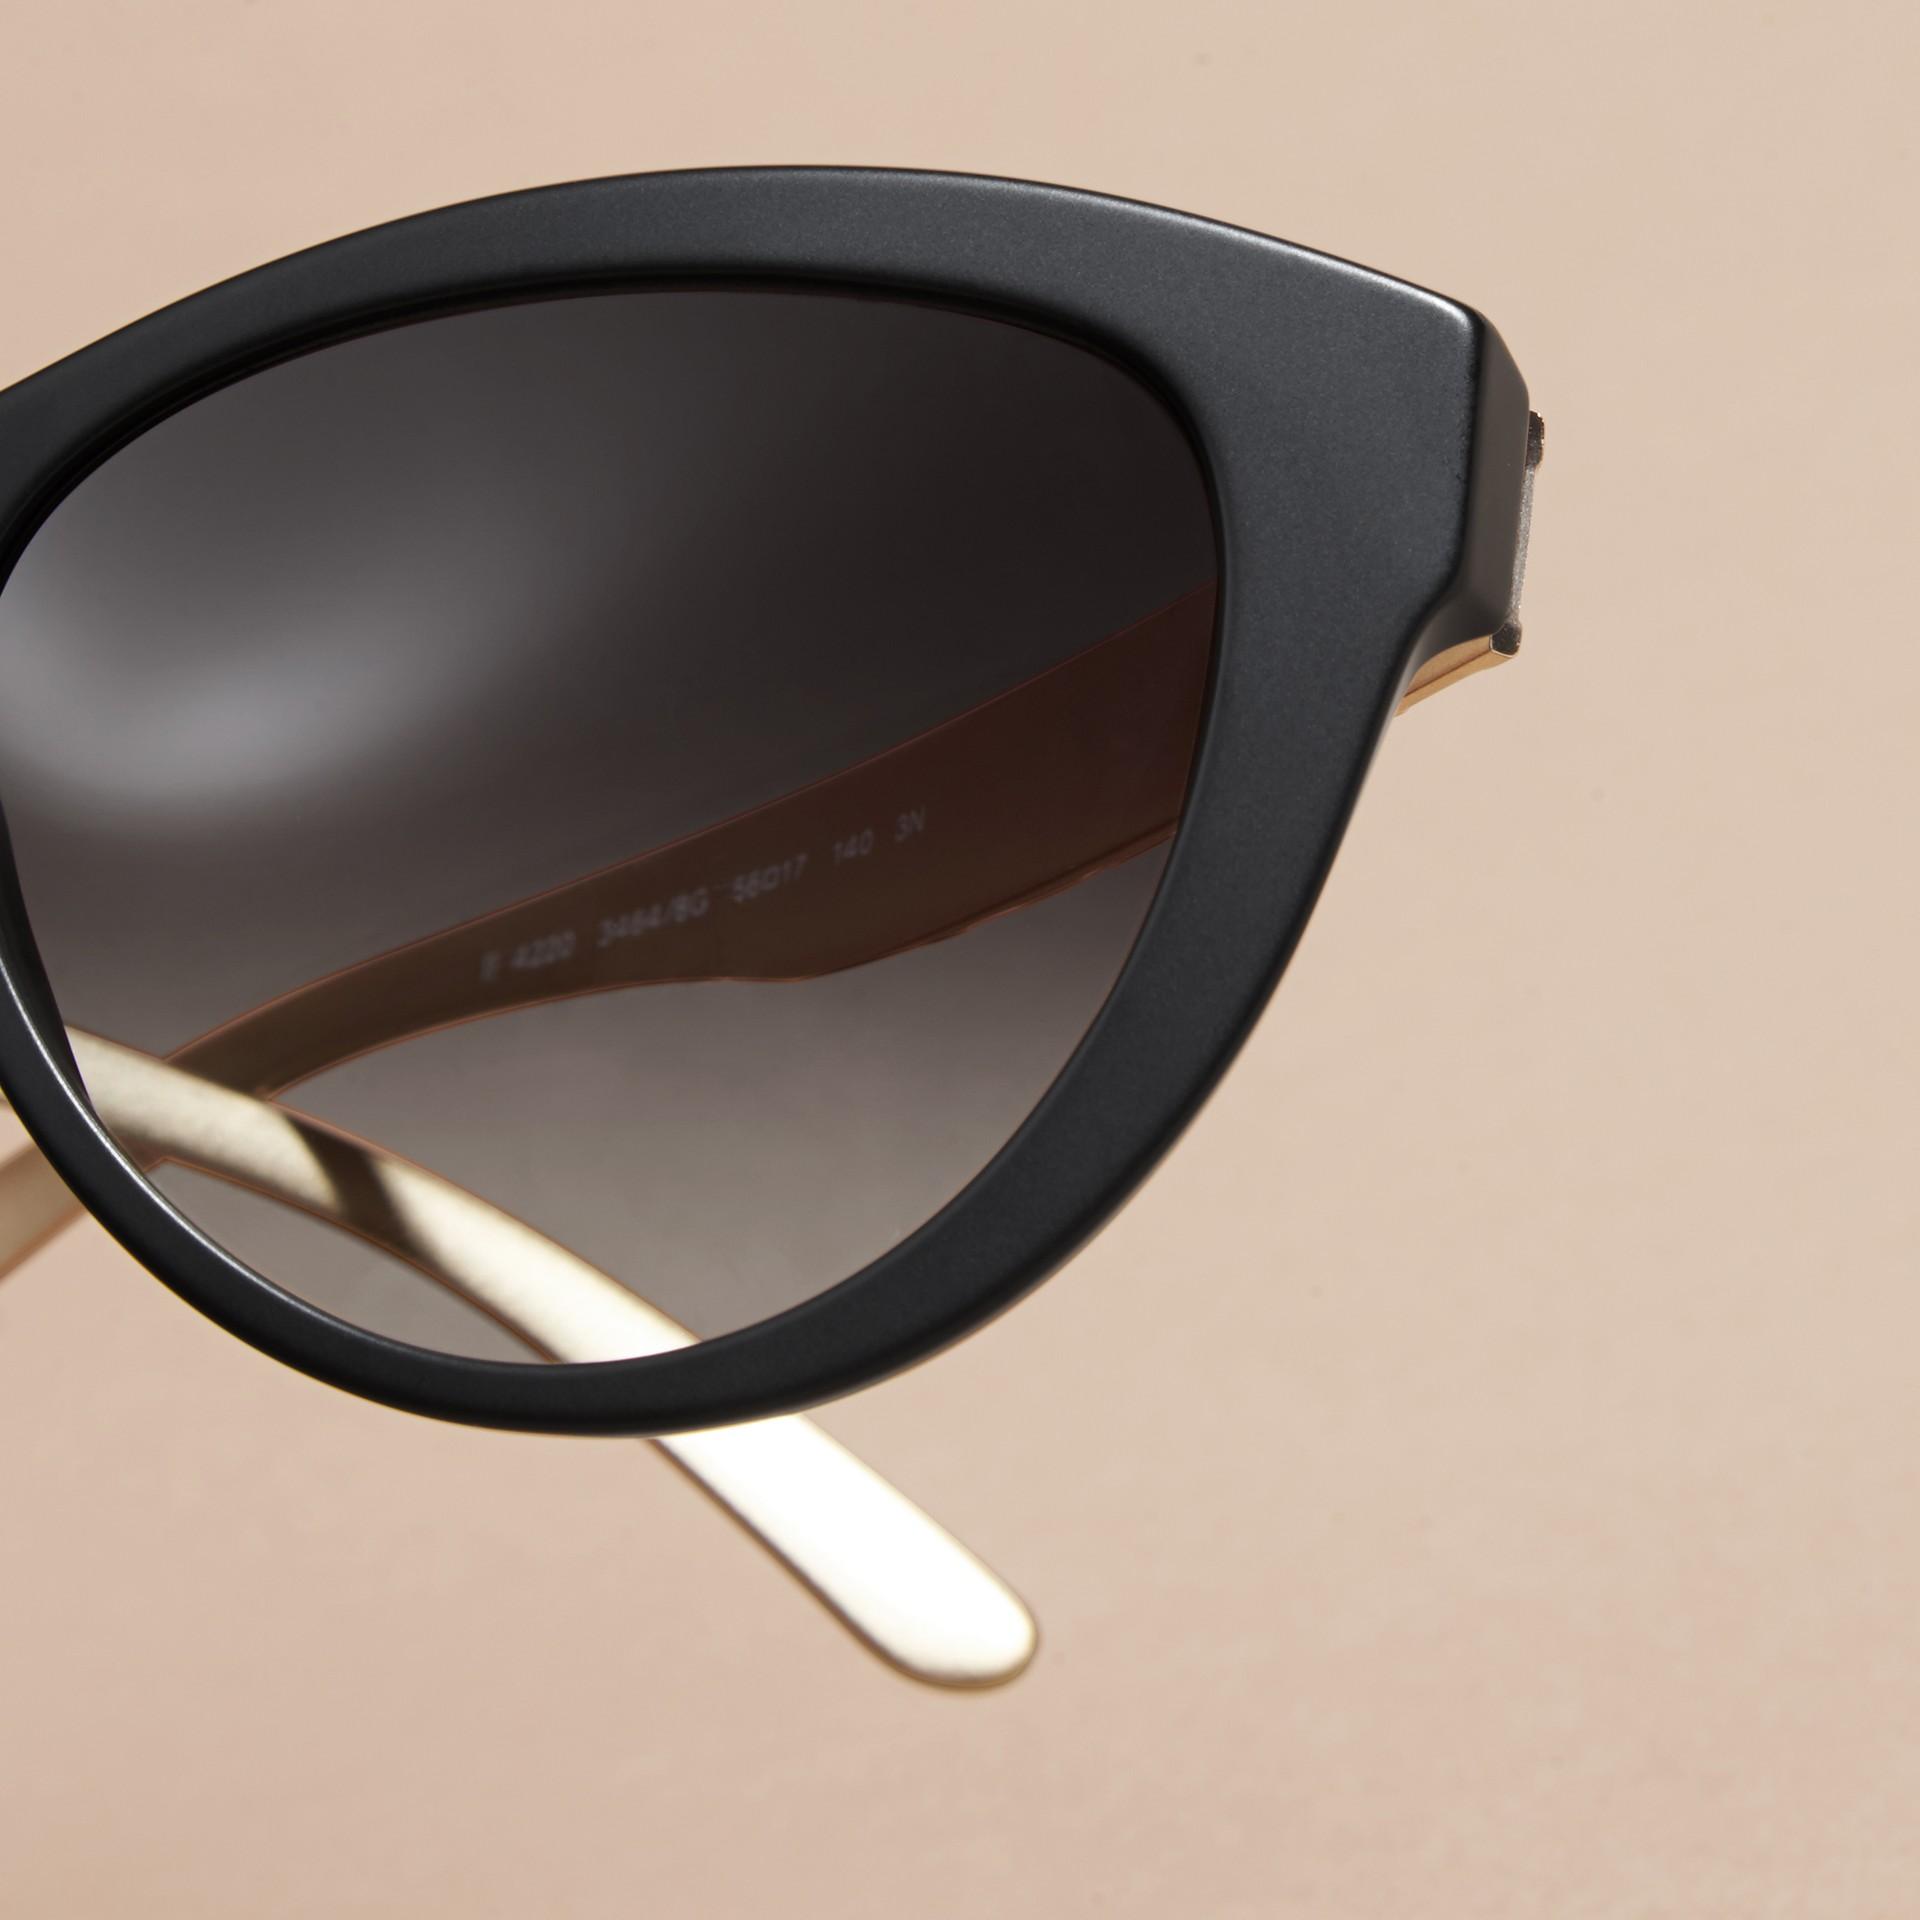 Nero Occhiali da sole con montatura cat-eye e motivo check tridimensionale Nero - immagine della galleria 2